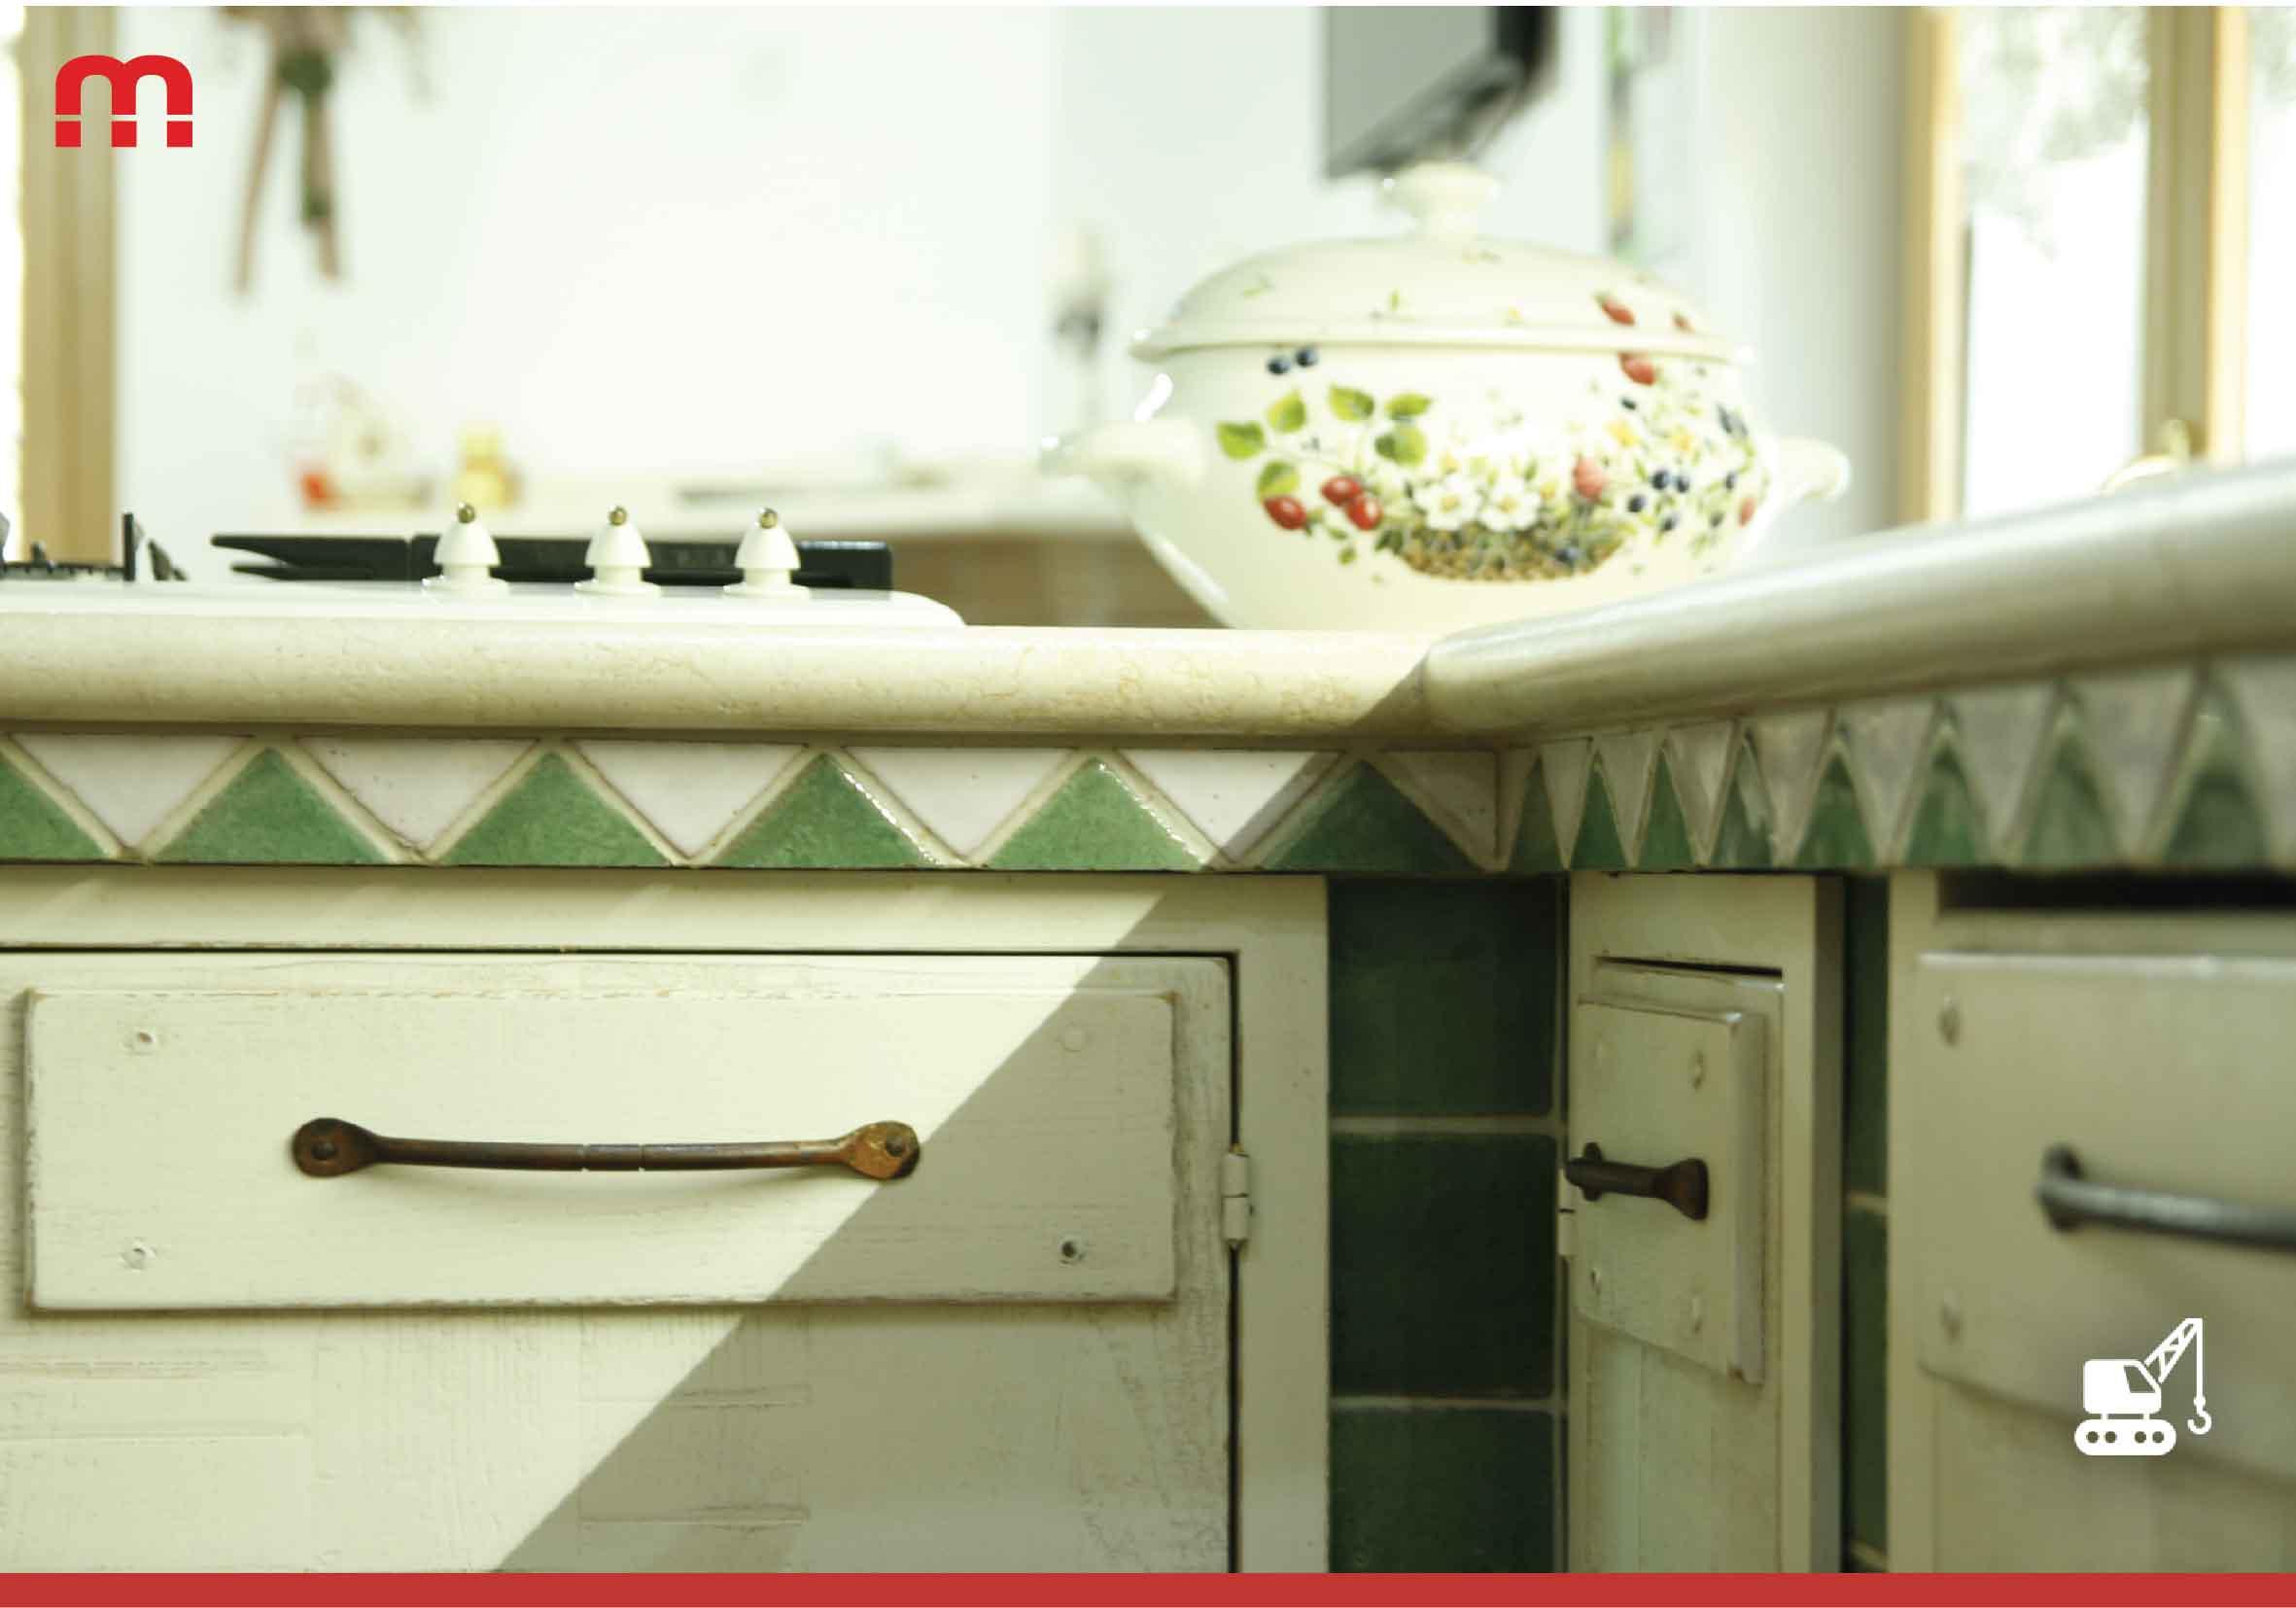 Works_bagni e cucina in muratura-04